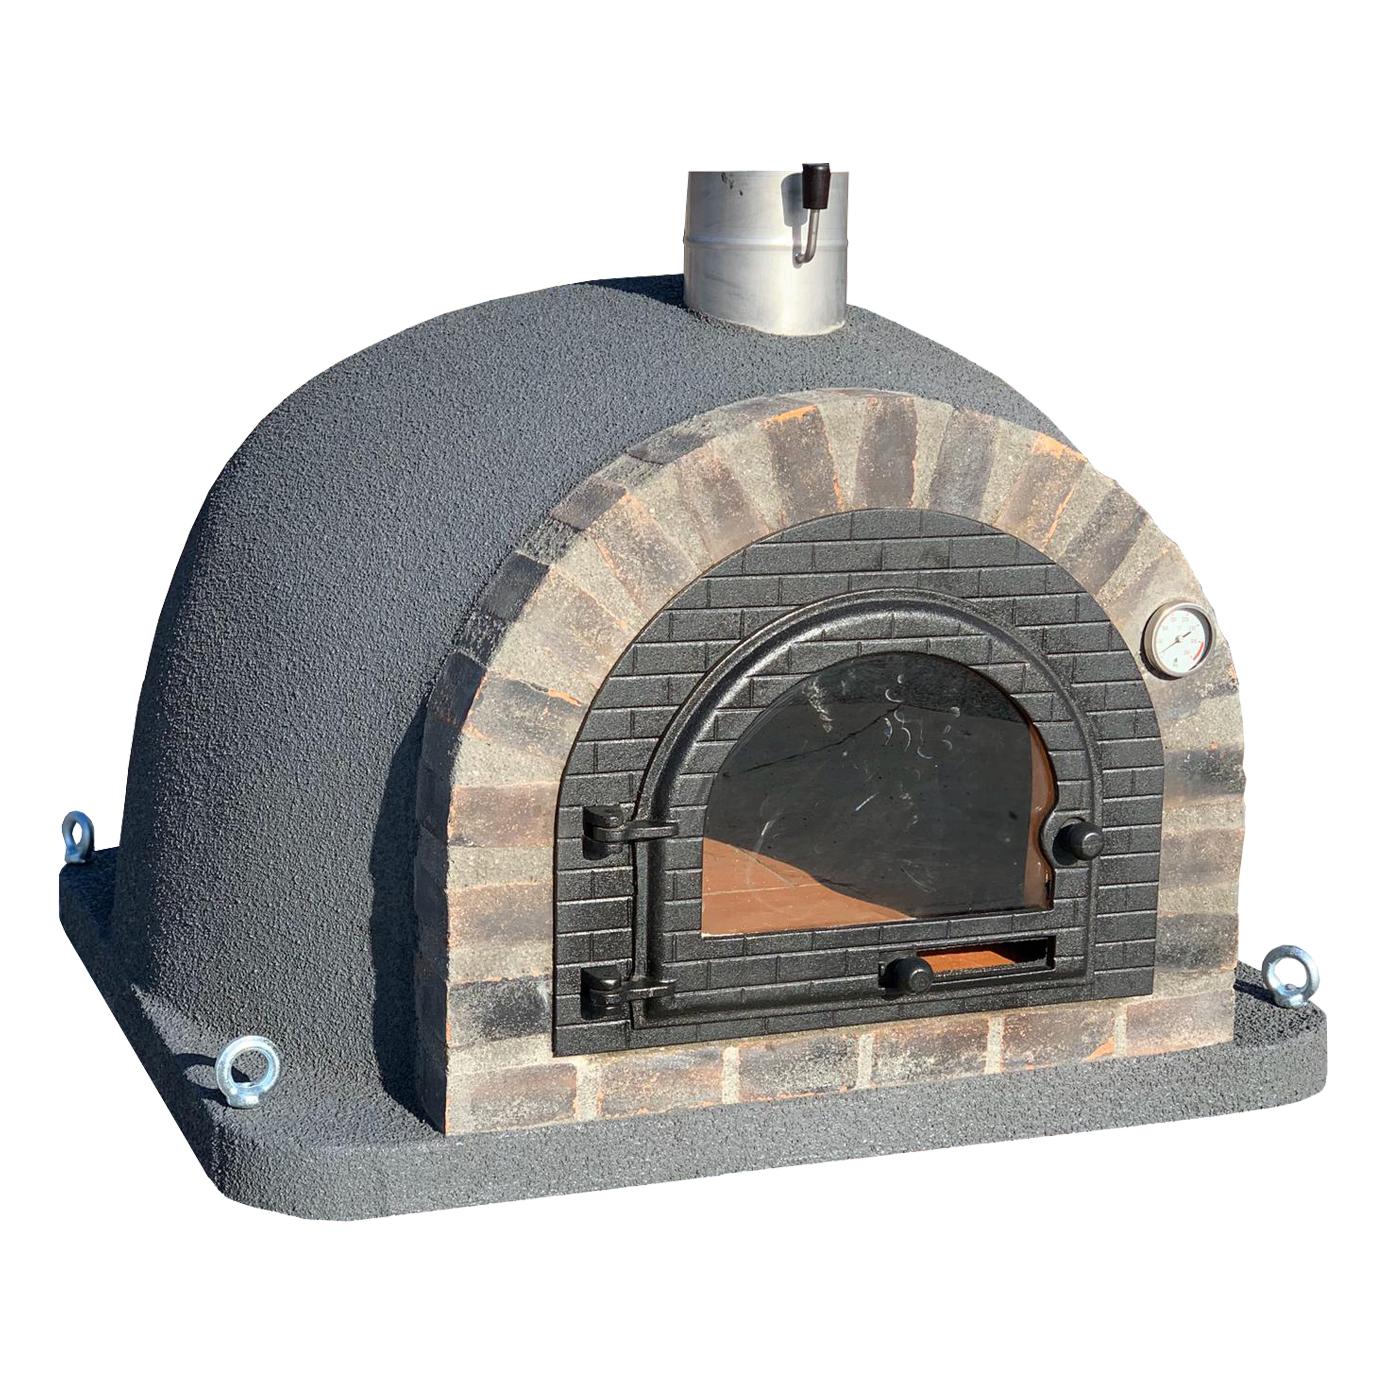 Pizzaugn | Vedugn | Stenugn Forno Deulxe grå med rustikt svart tegel